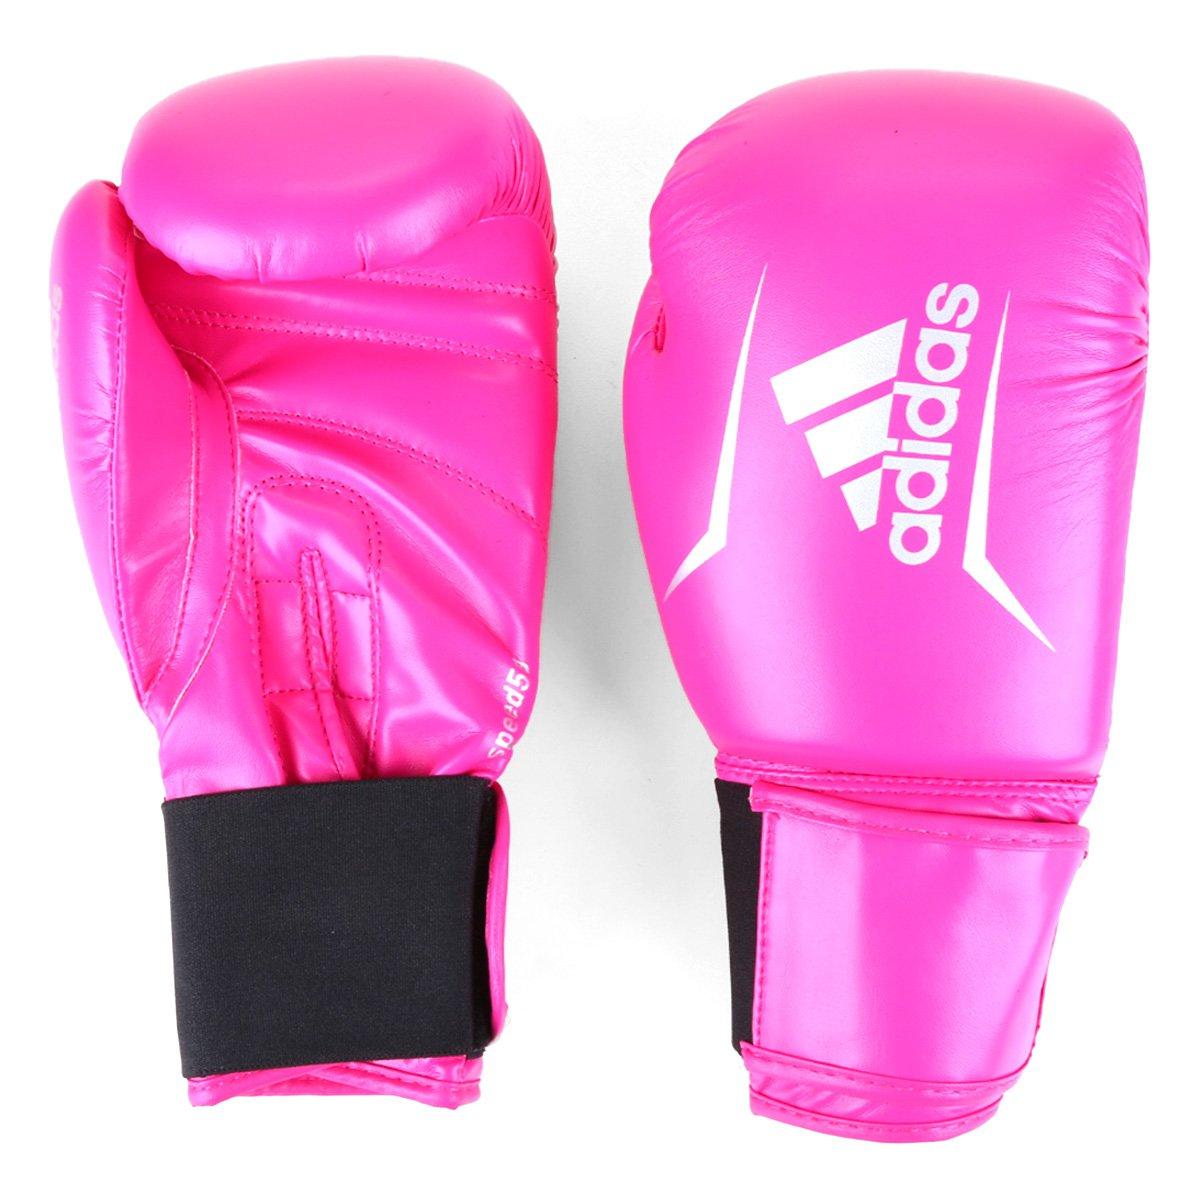 Luva de Boxe Adidas Speed - 12 OZ